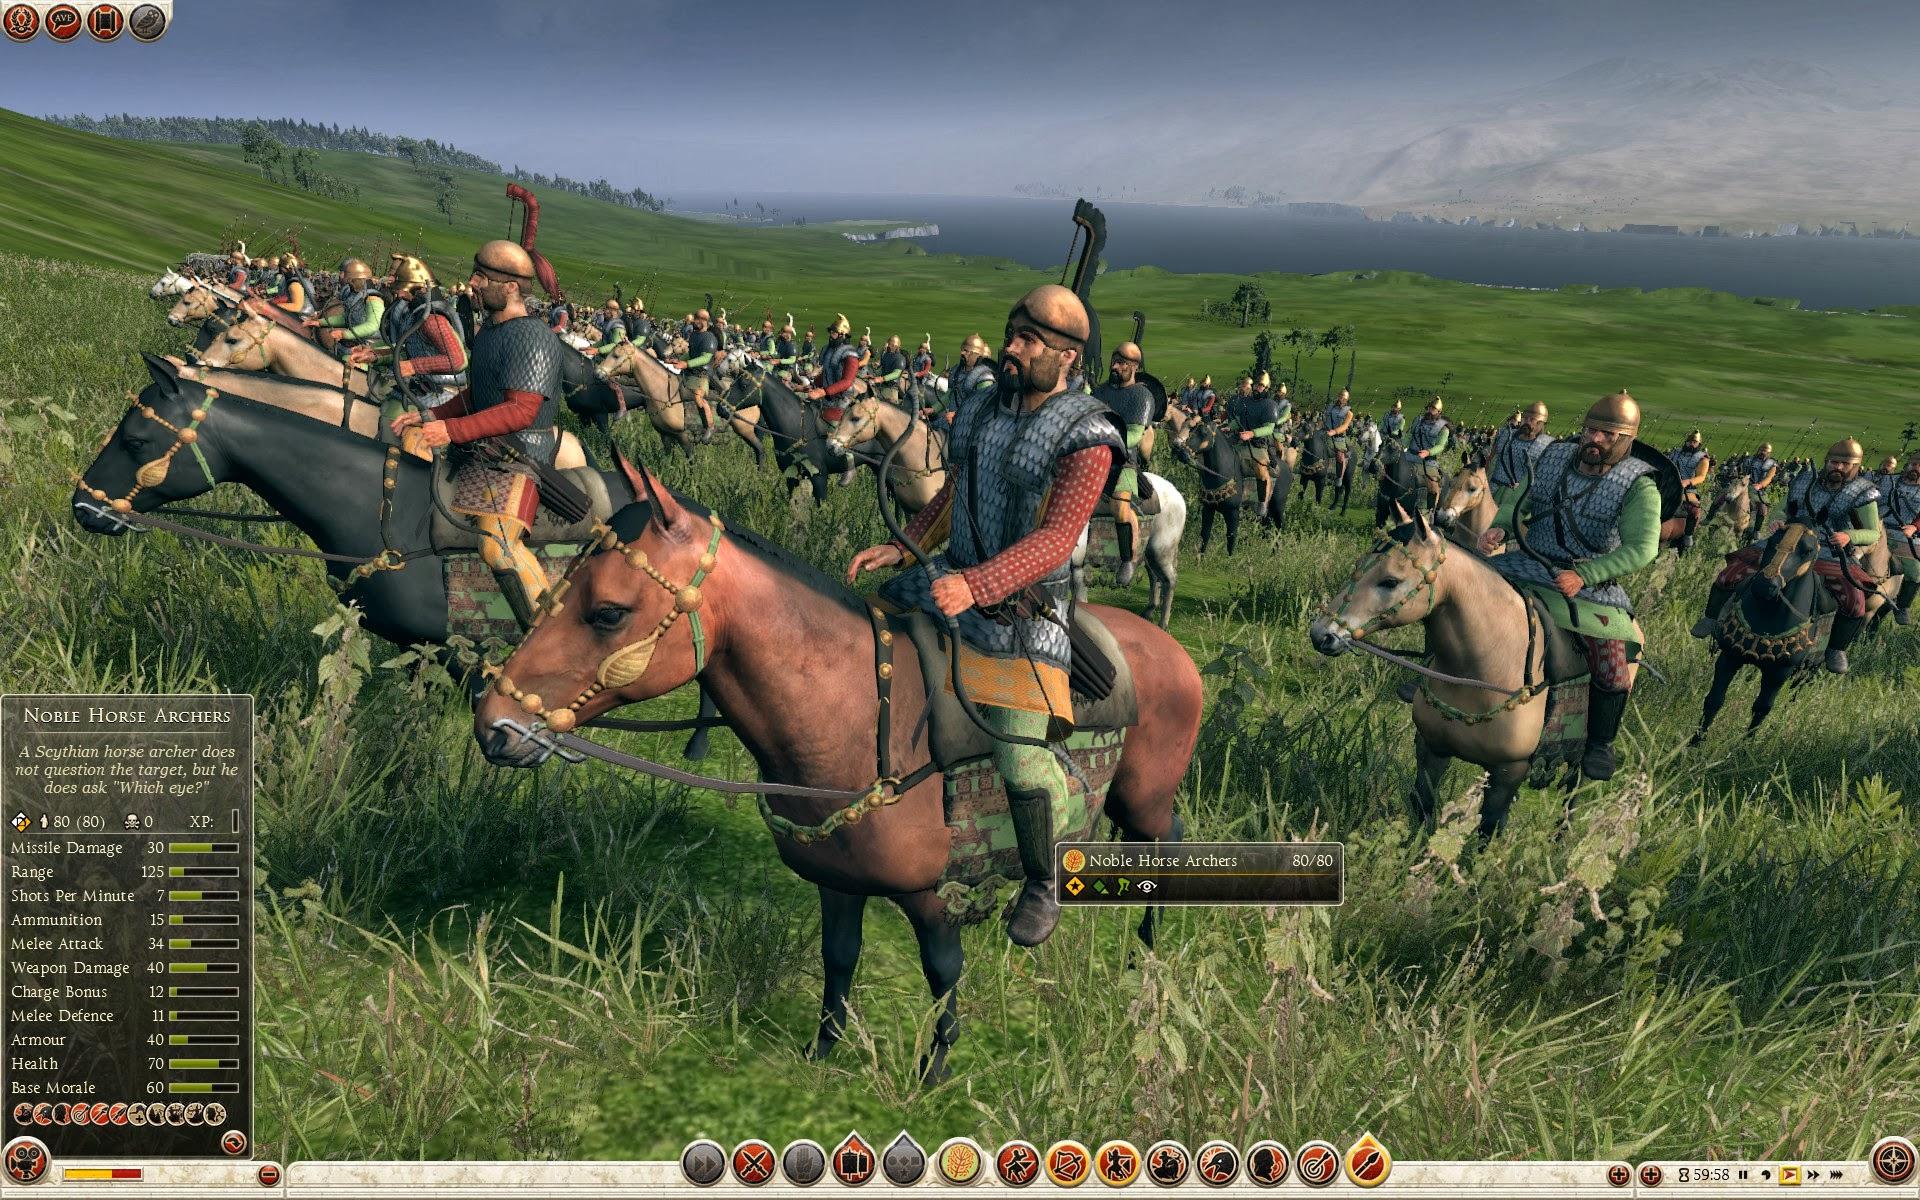 Noble Horse Archers